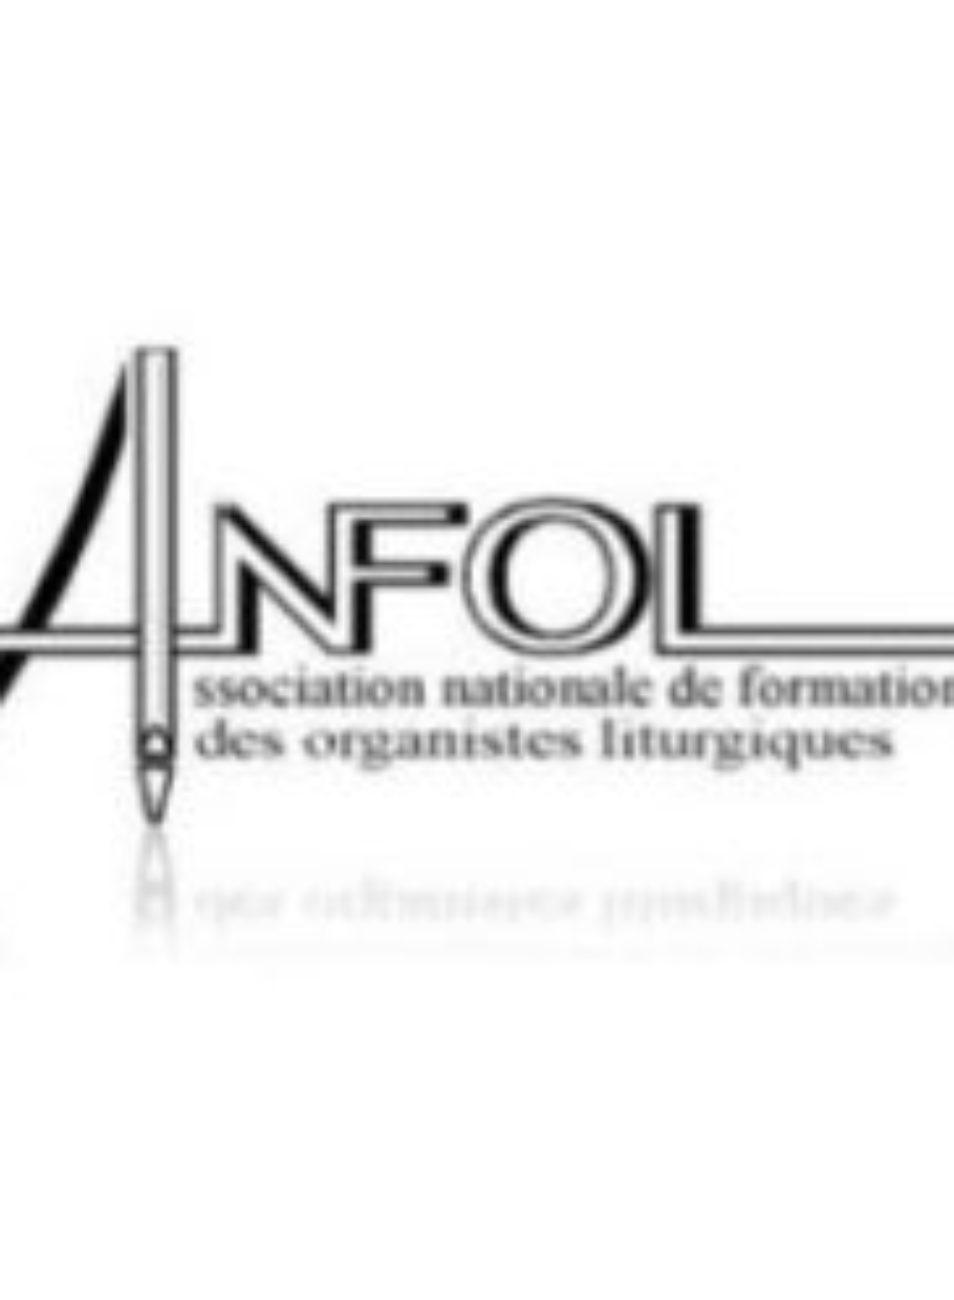 Anfol